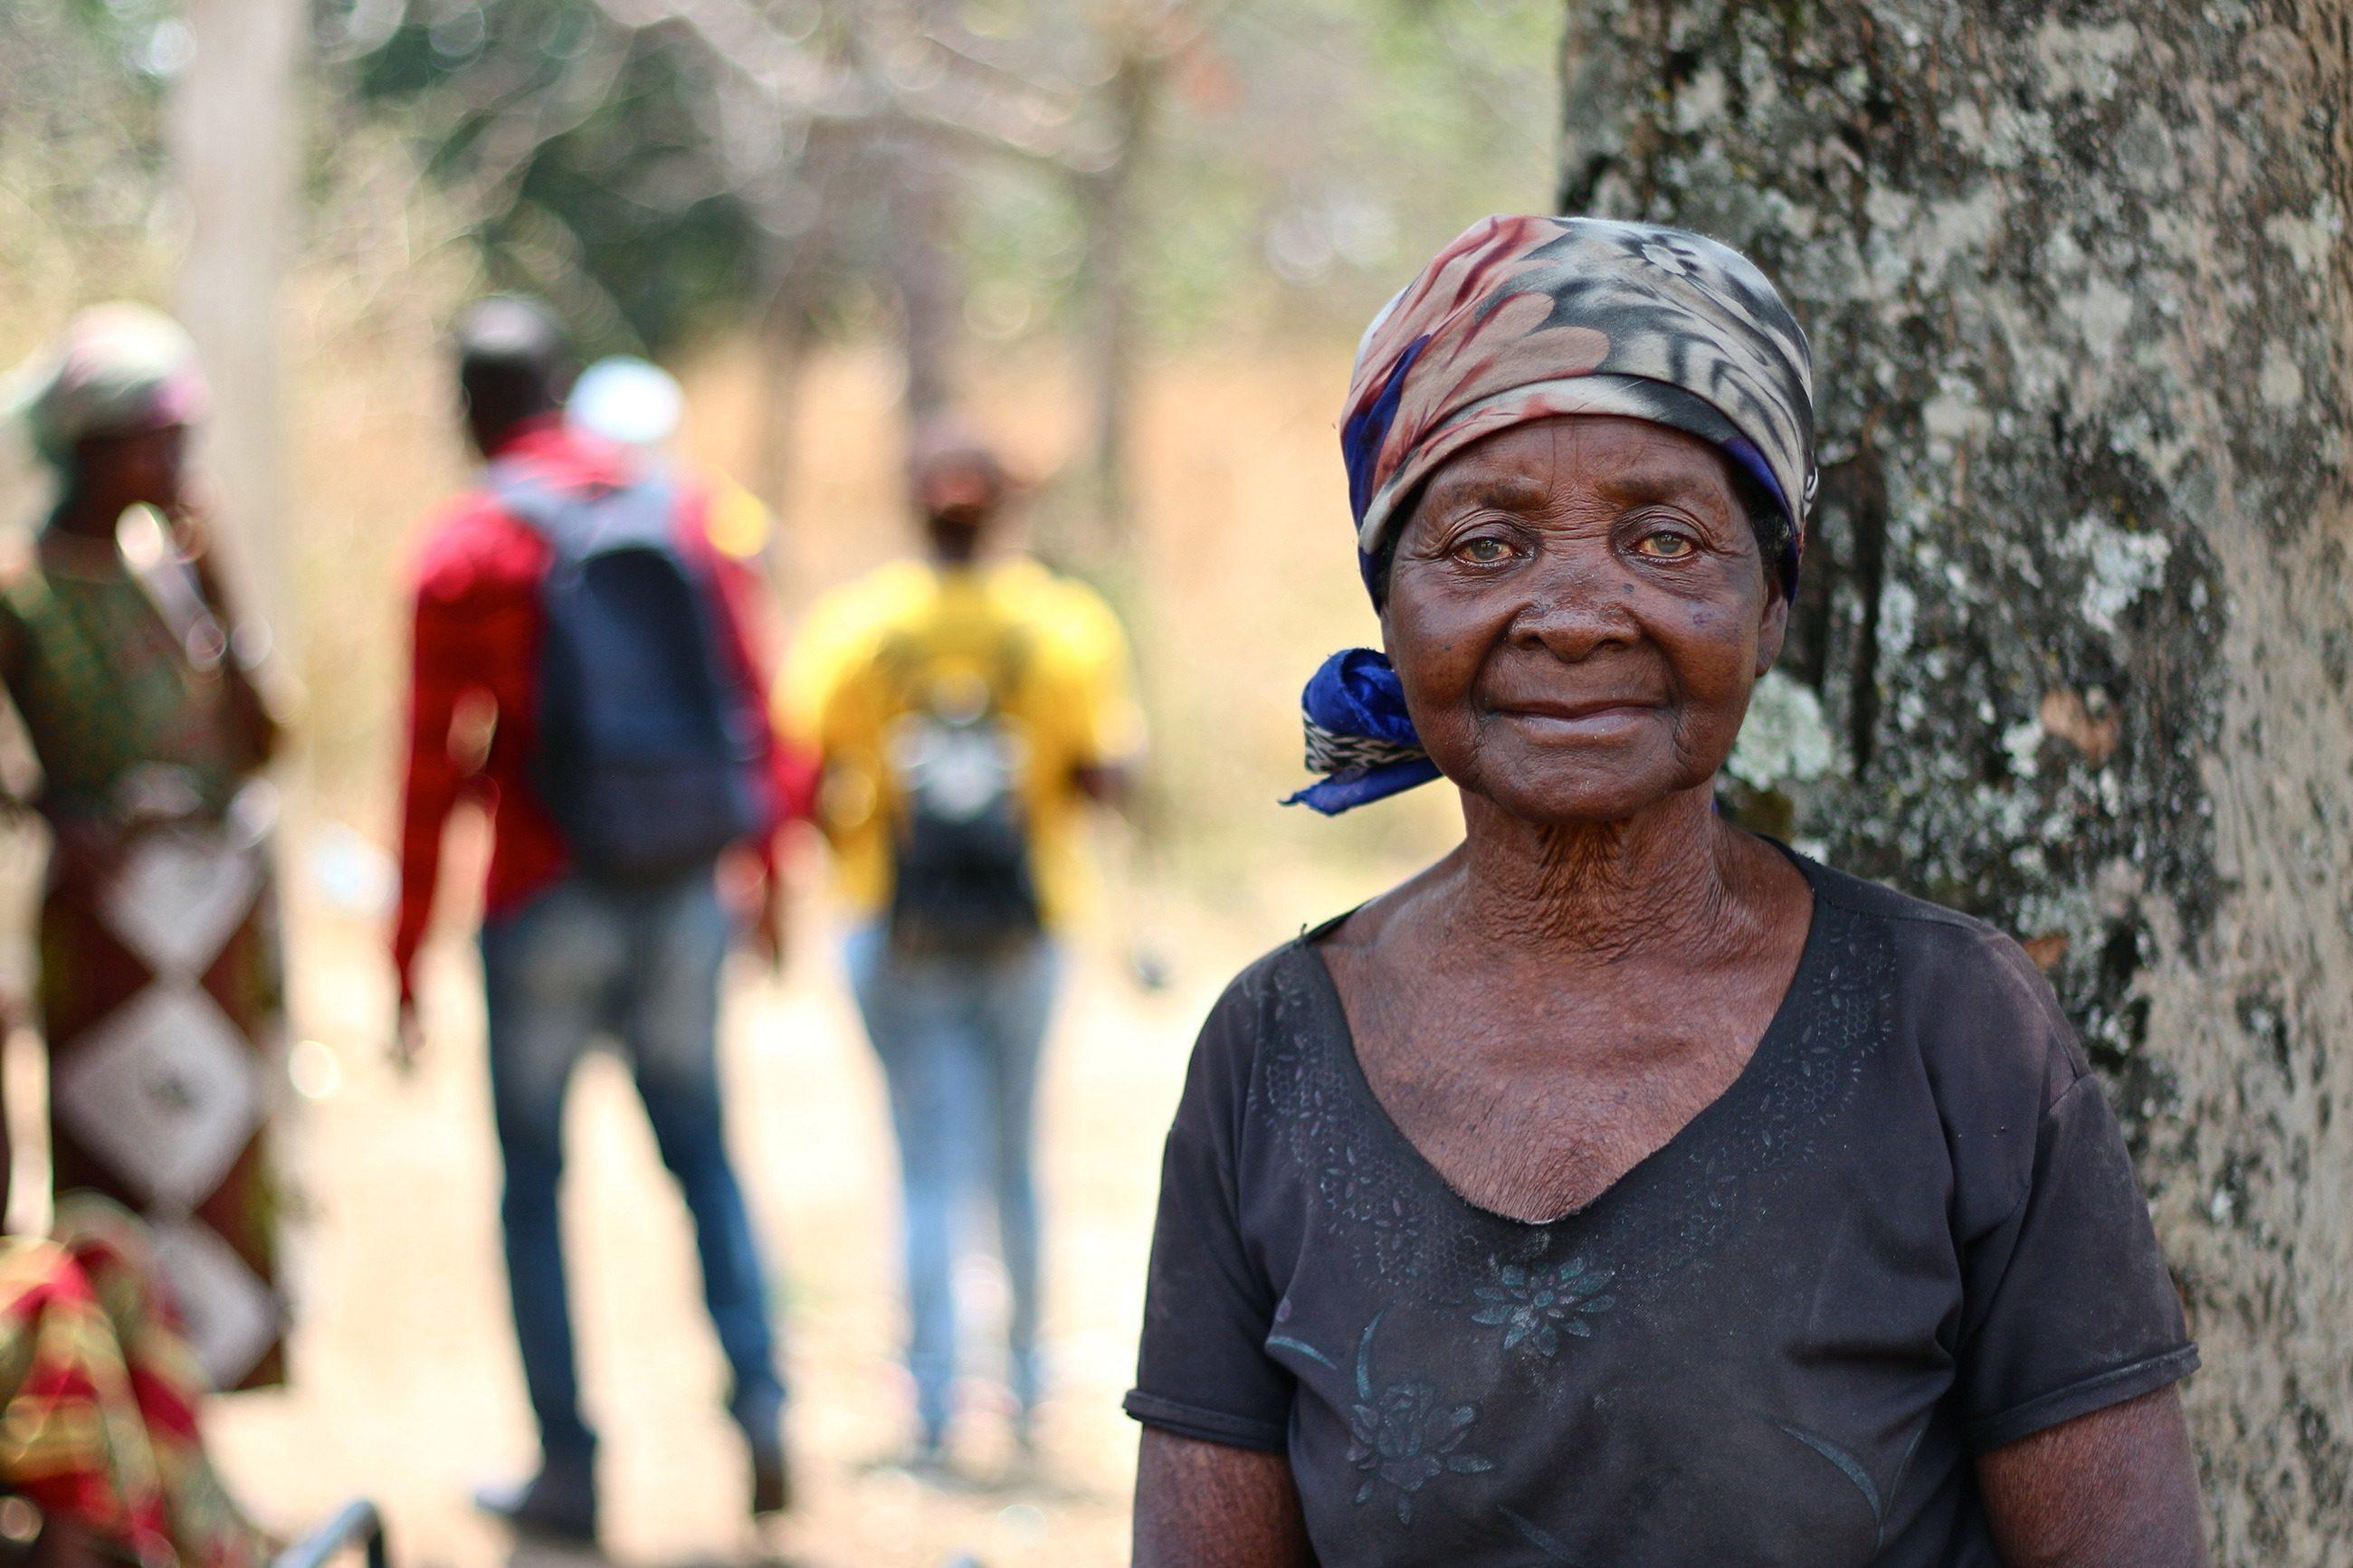 Eine ältere Frau vor einem Baum.